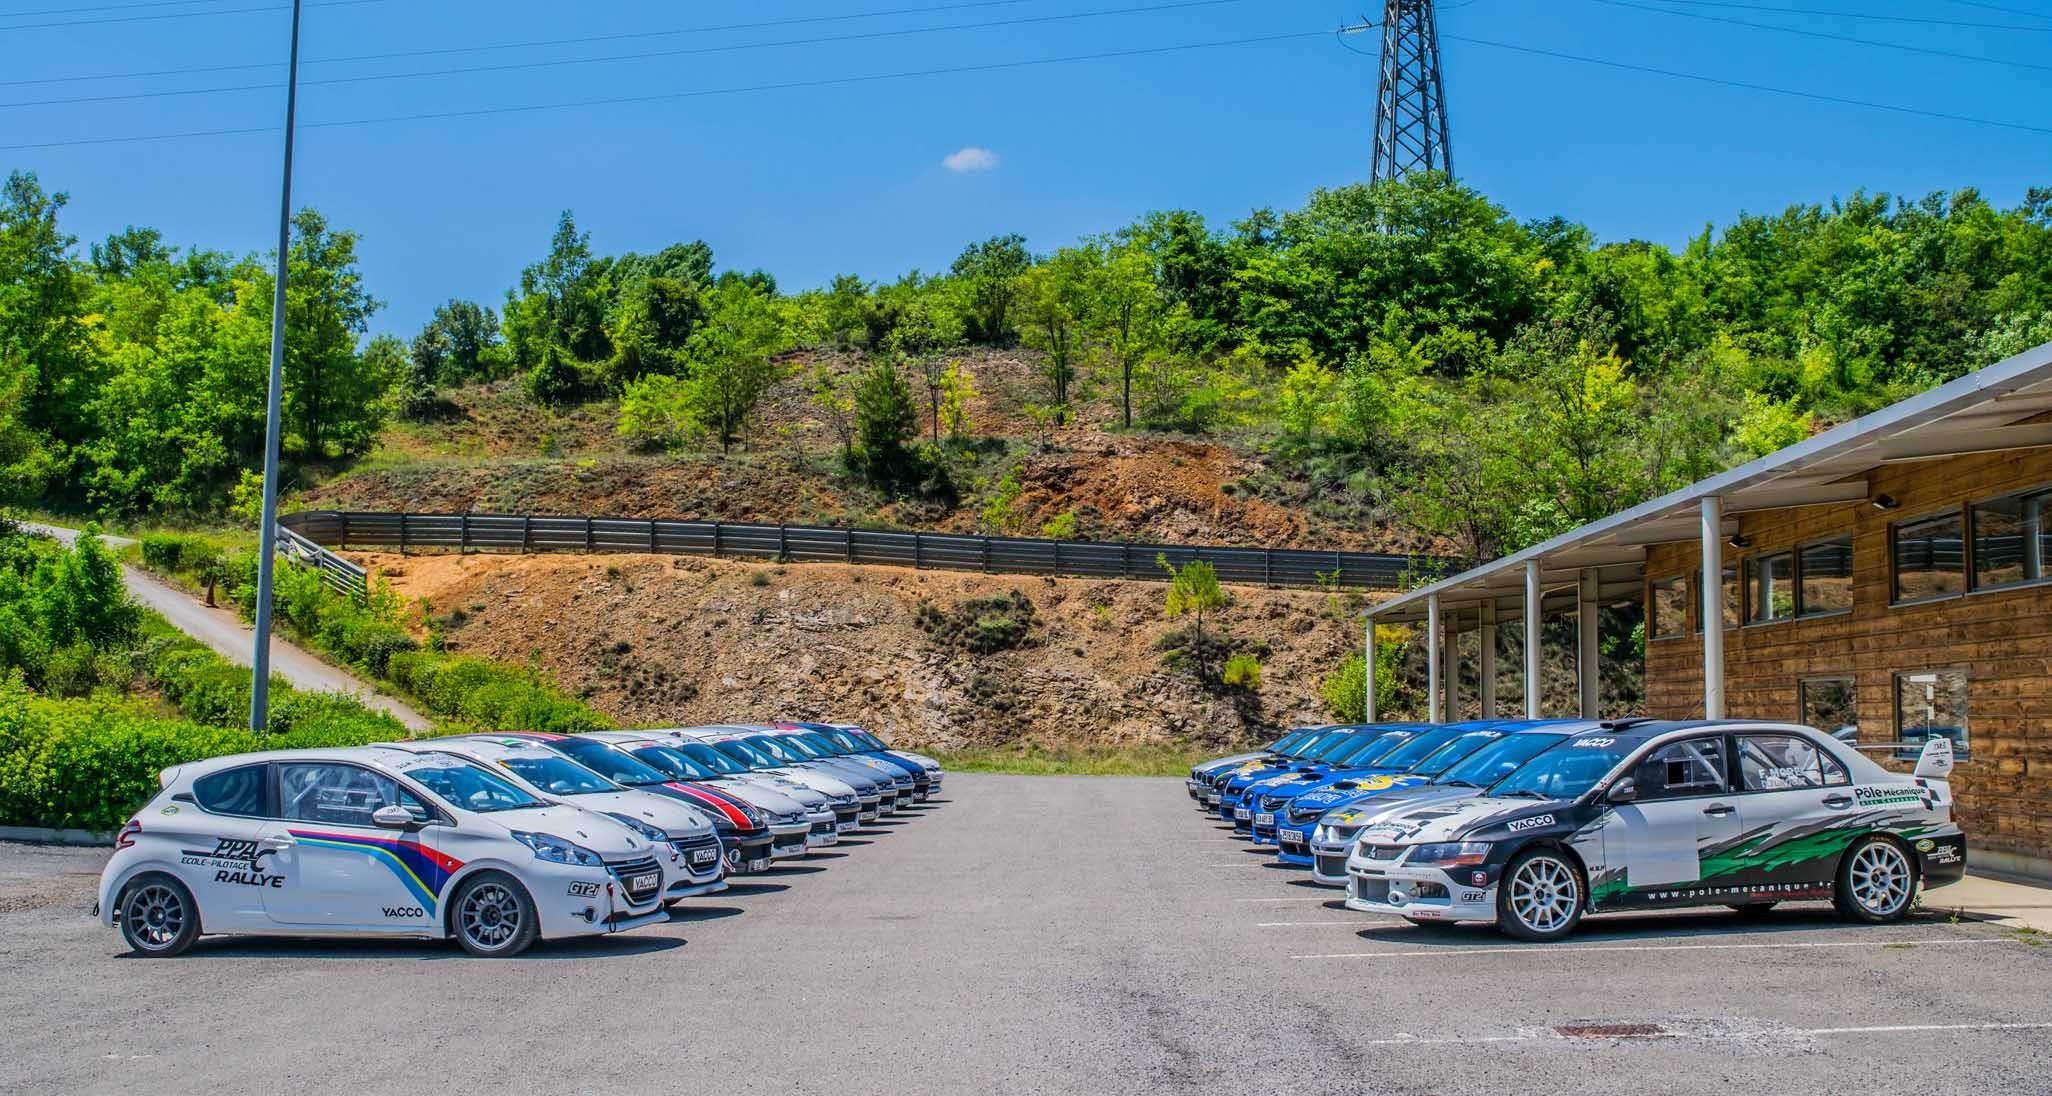 Flotte de véhicules PPAC